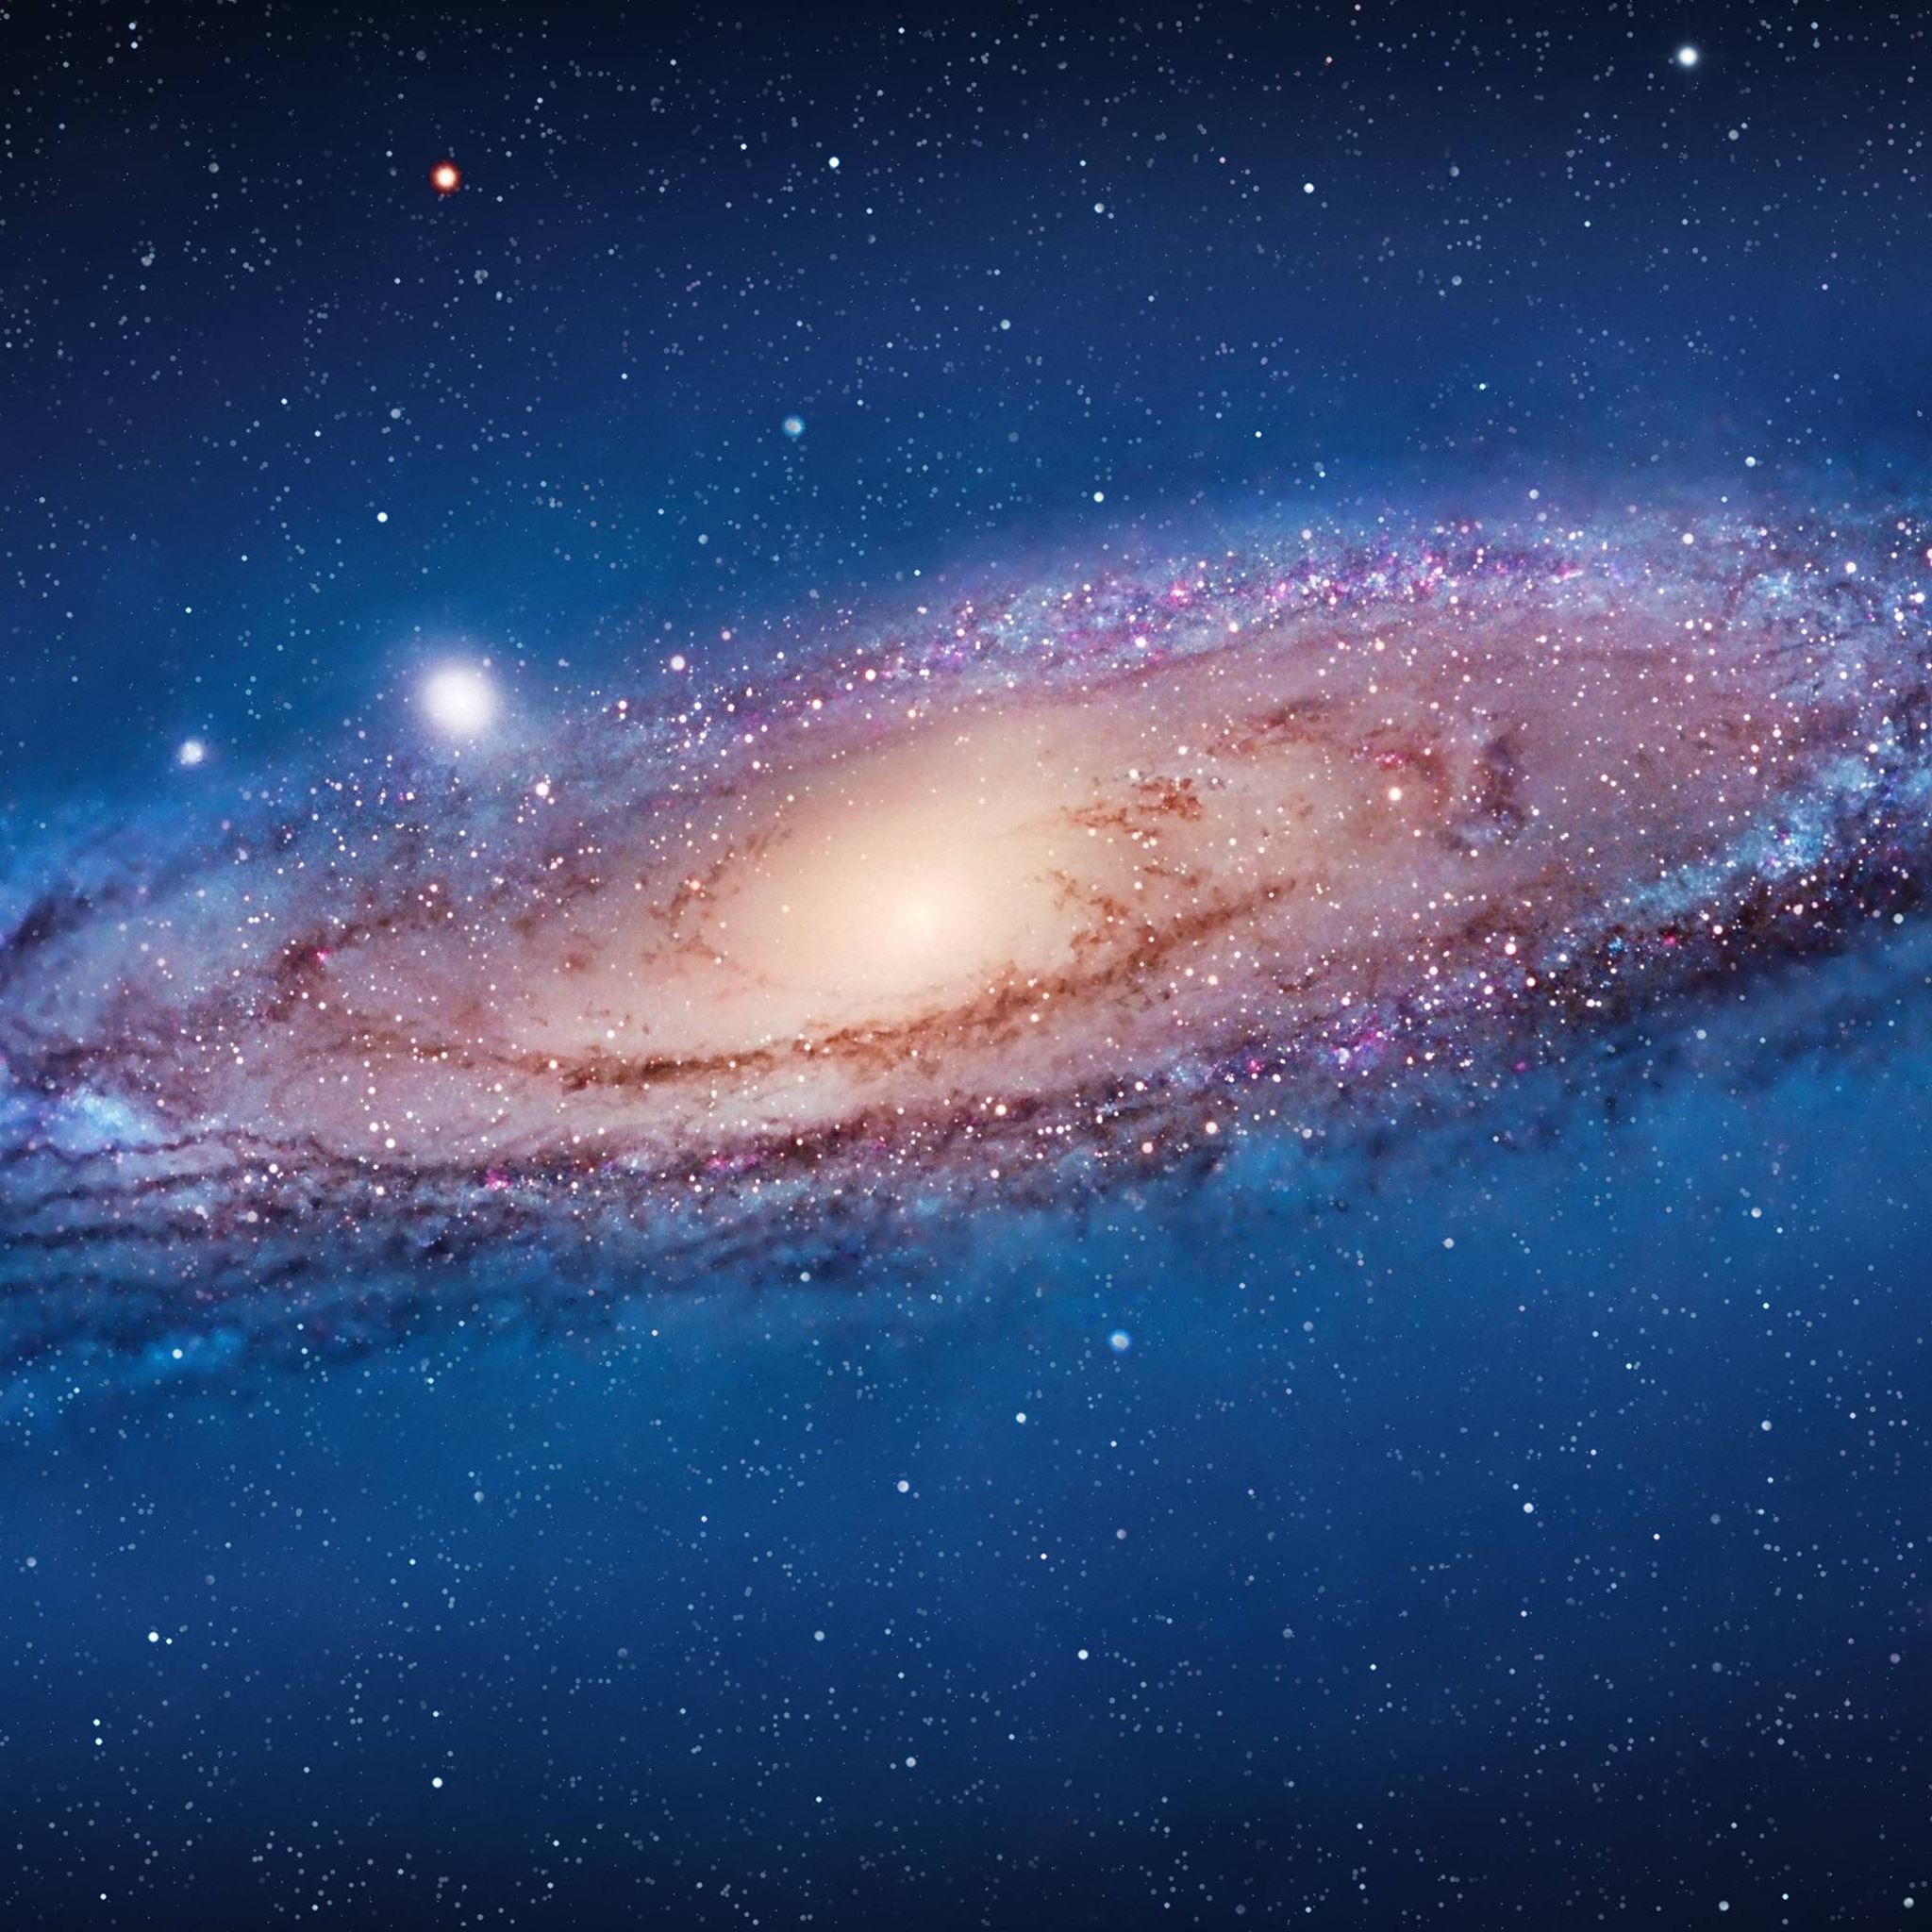 Andromeda Galaxy iPad Air wallpaper